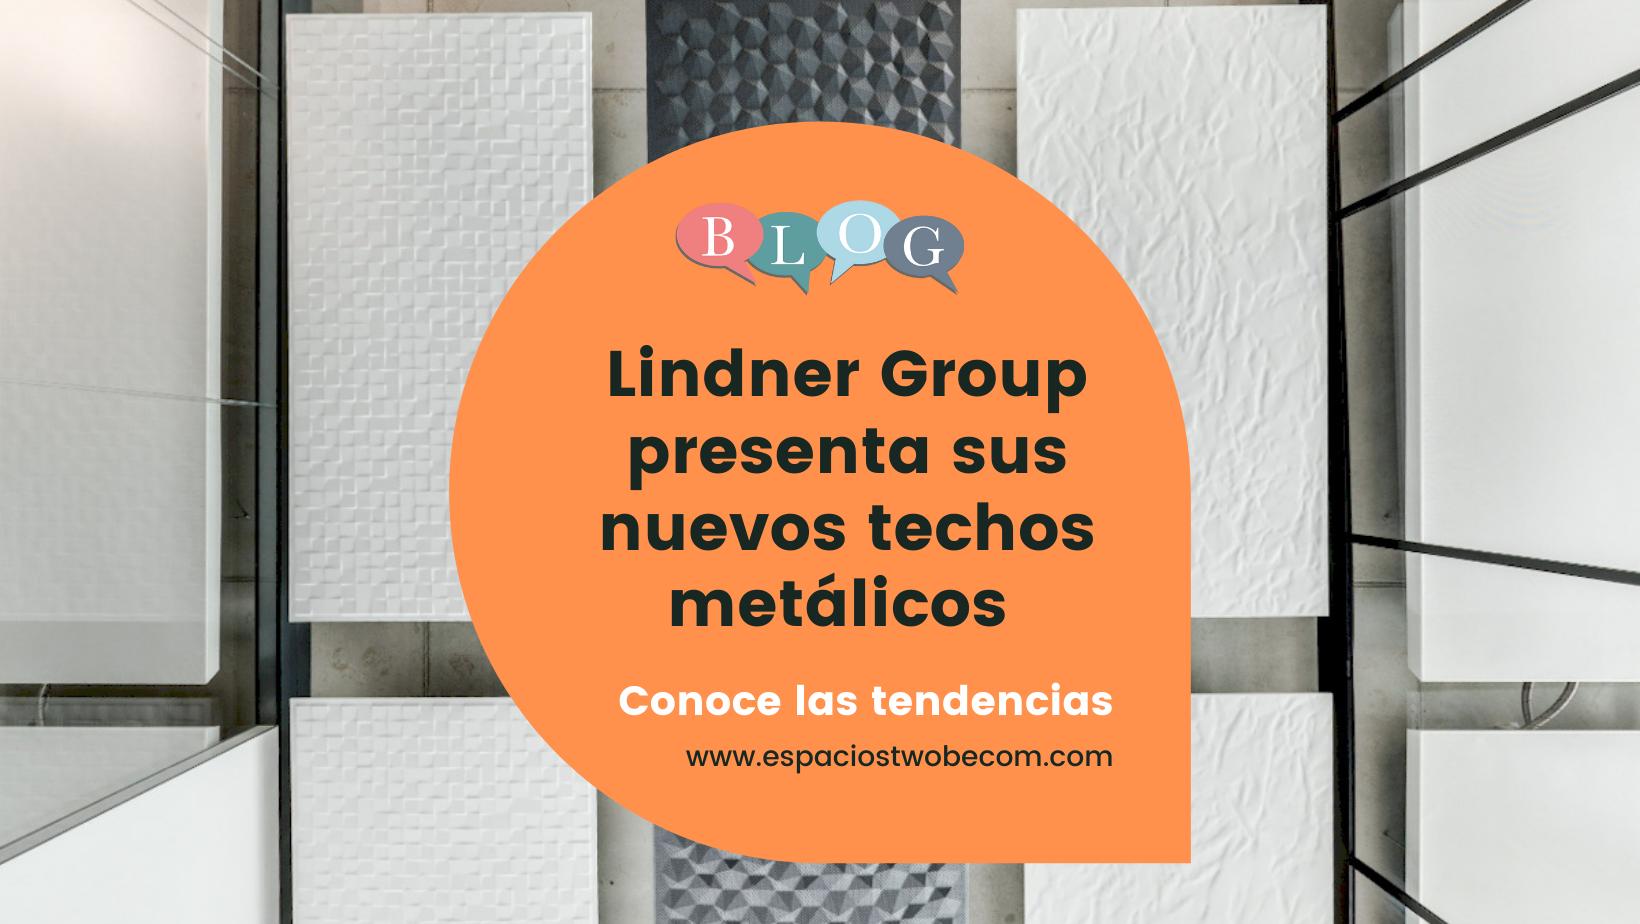 Lindner Group techos metalicos